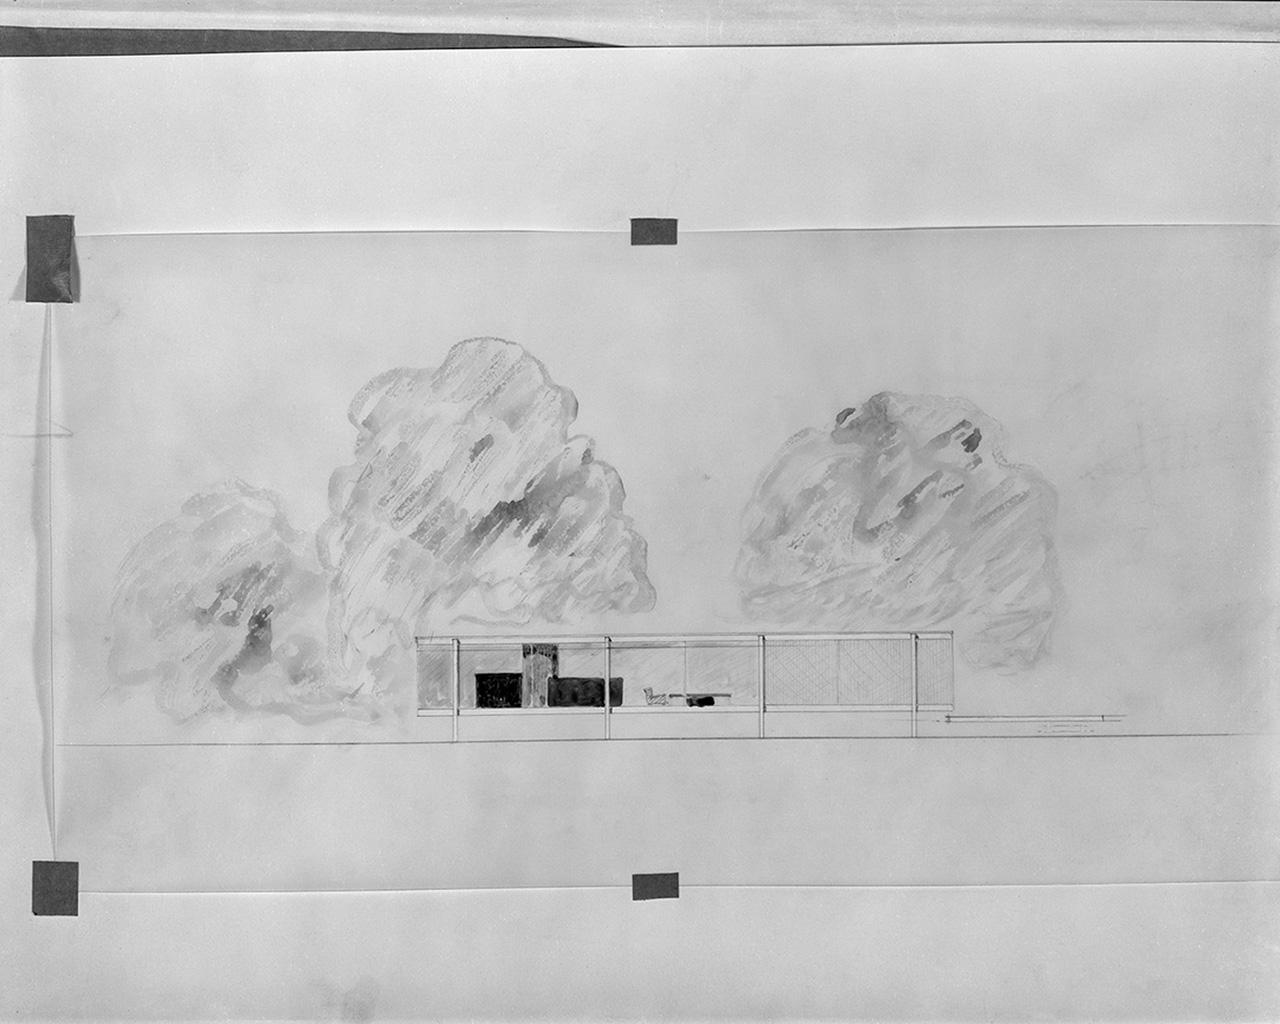 Plan para levantar la Casa Farnsworth por encima de las inundaciones  METALOCUS